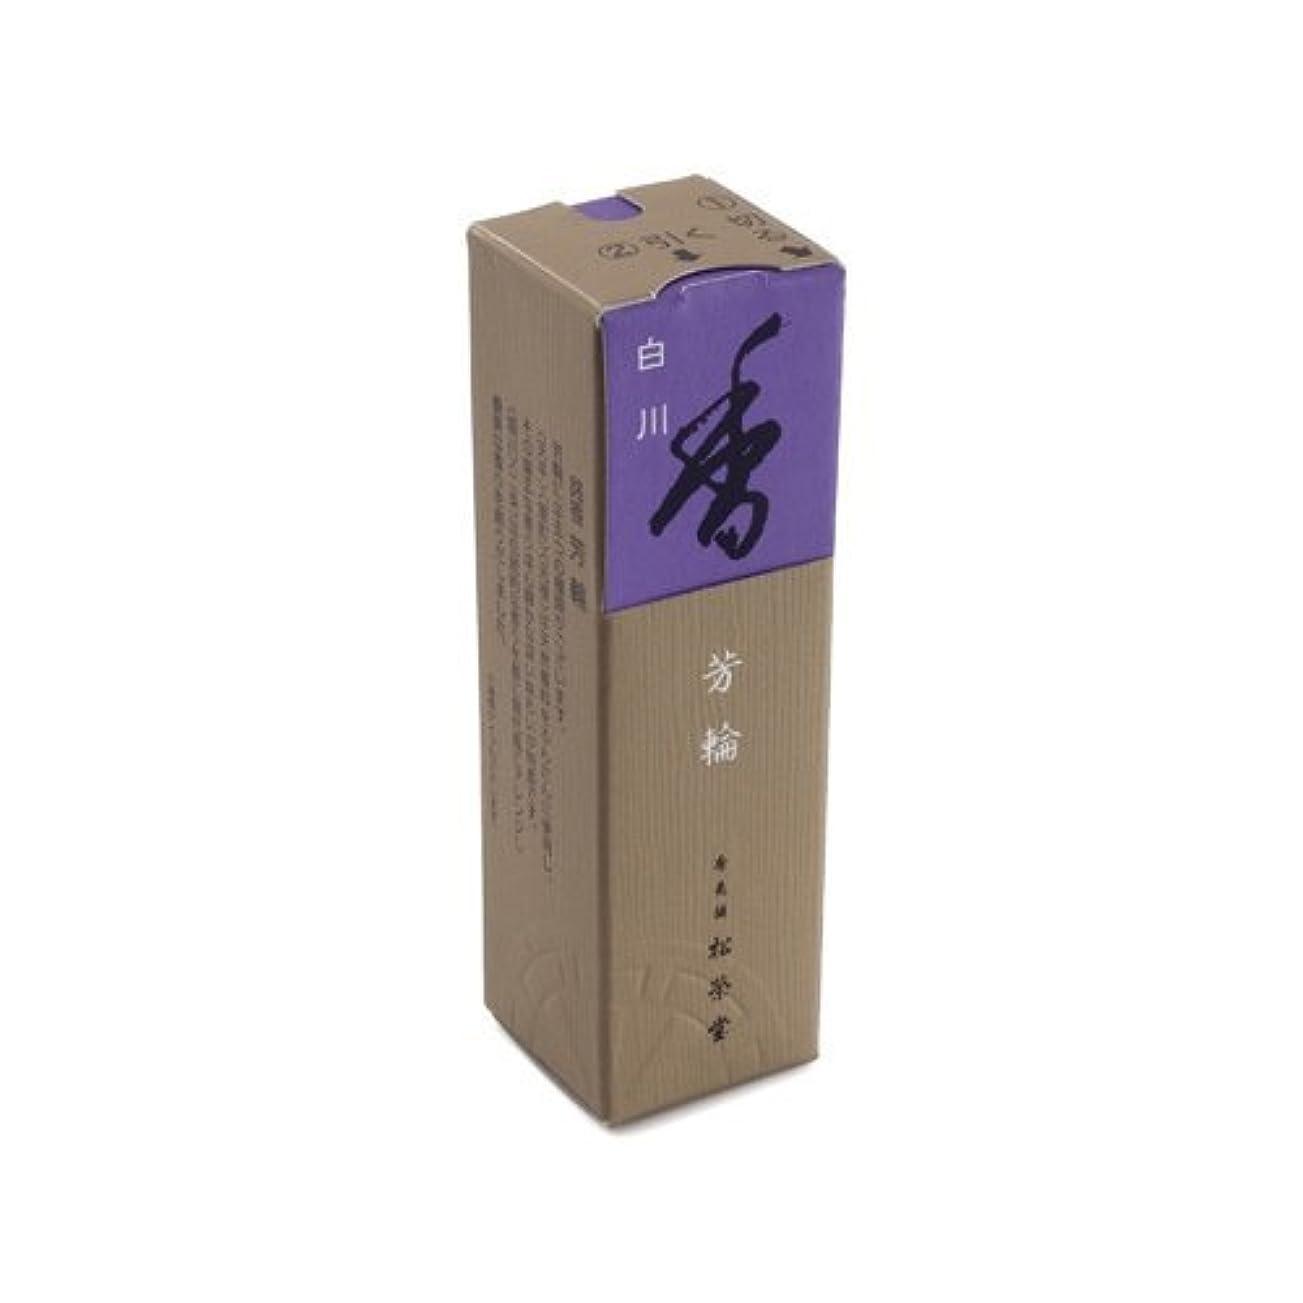 痛み皿許さないShoyeido - Horin Incense Sticks White River - 20 Stick(s) by Shoyeido